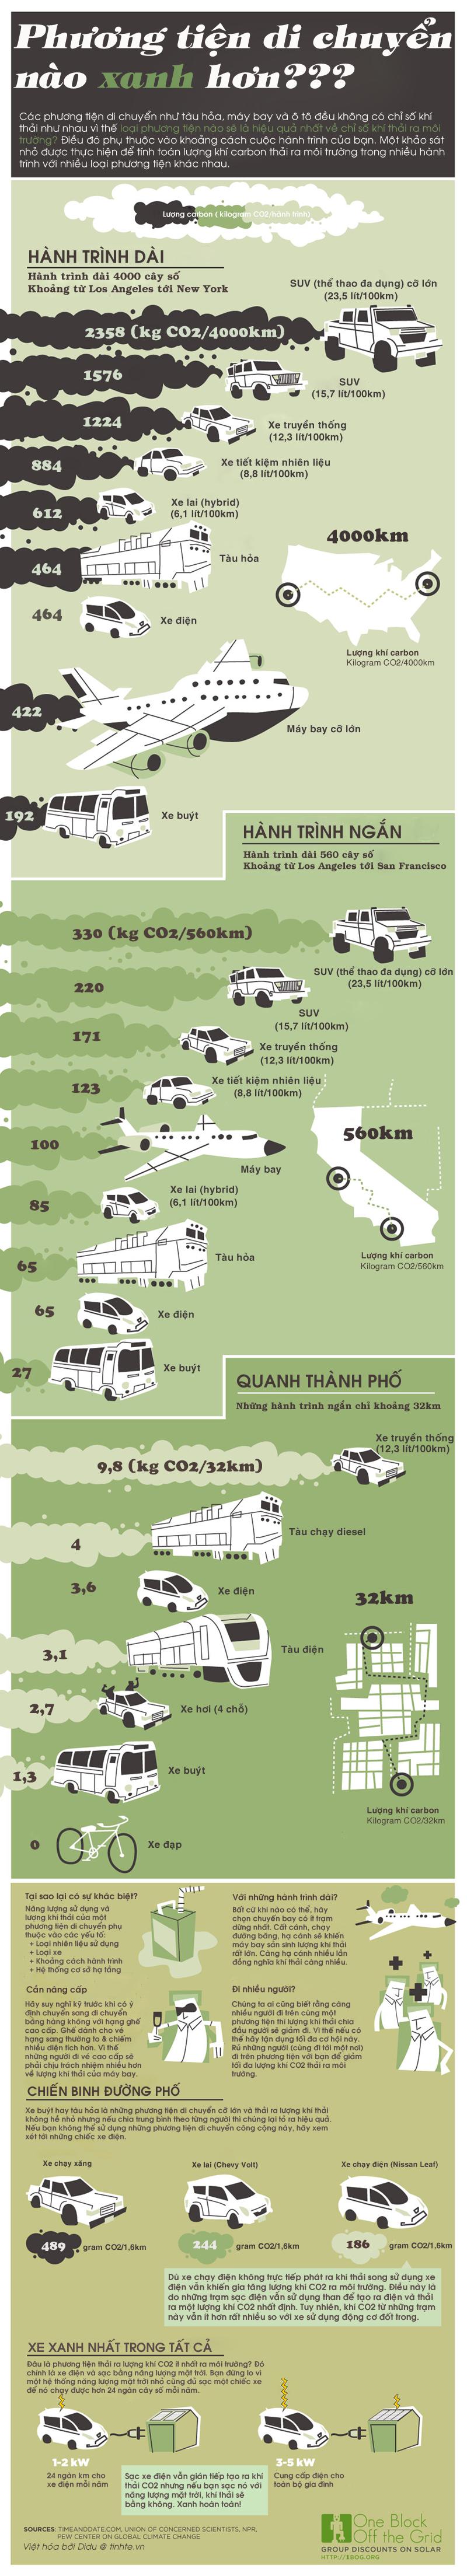 Infographic - Phương Tiện Nào Thân Thiện Với Môi Trường Hơn